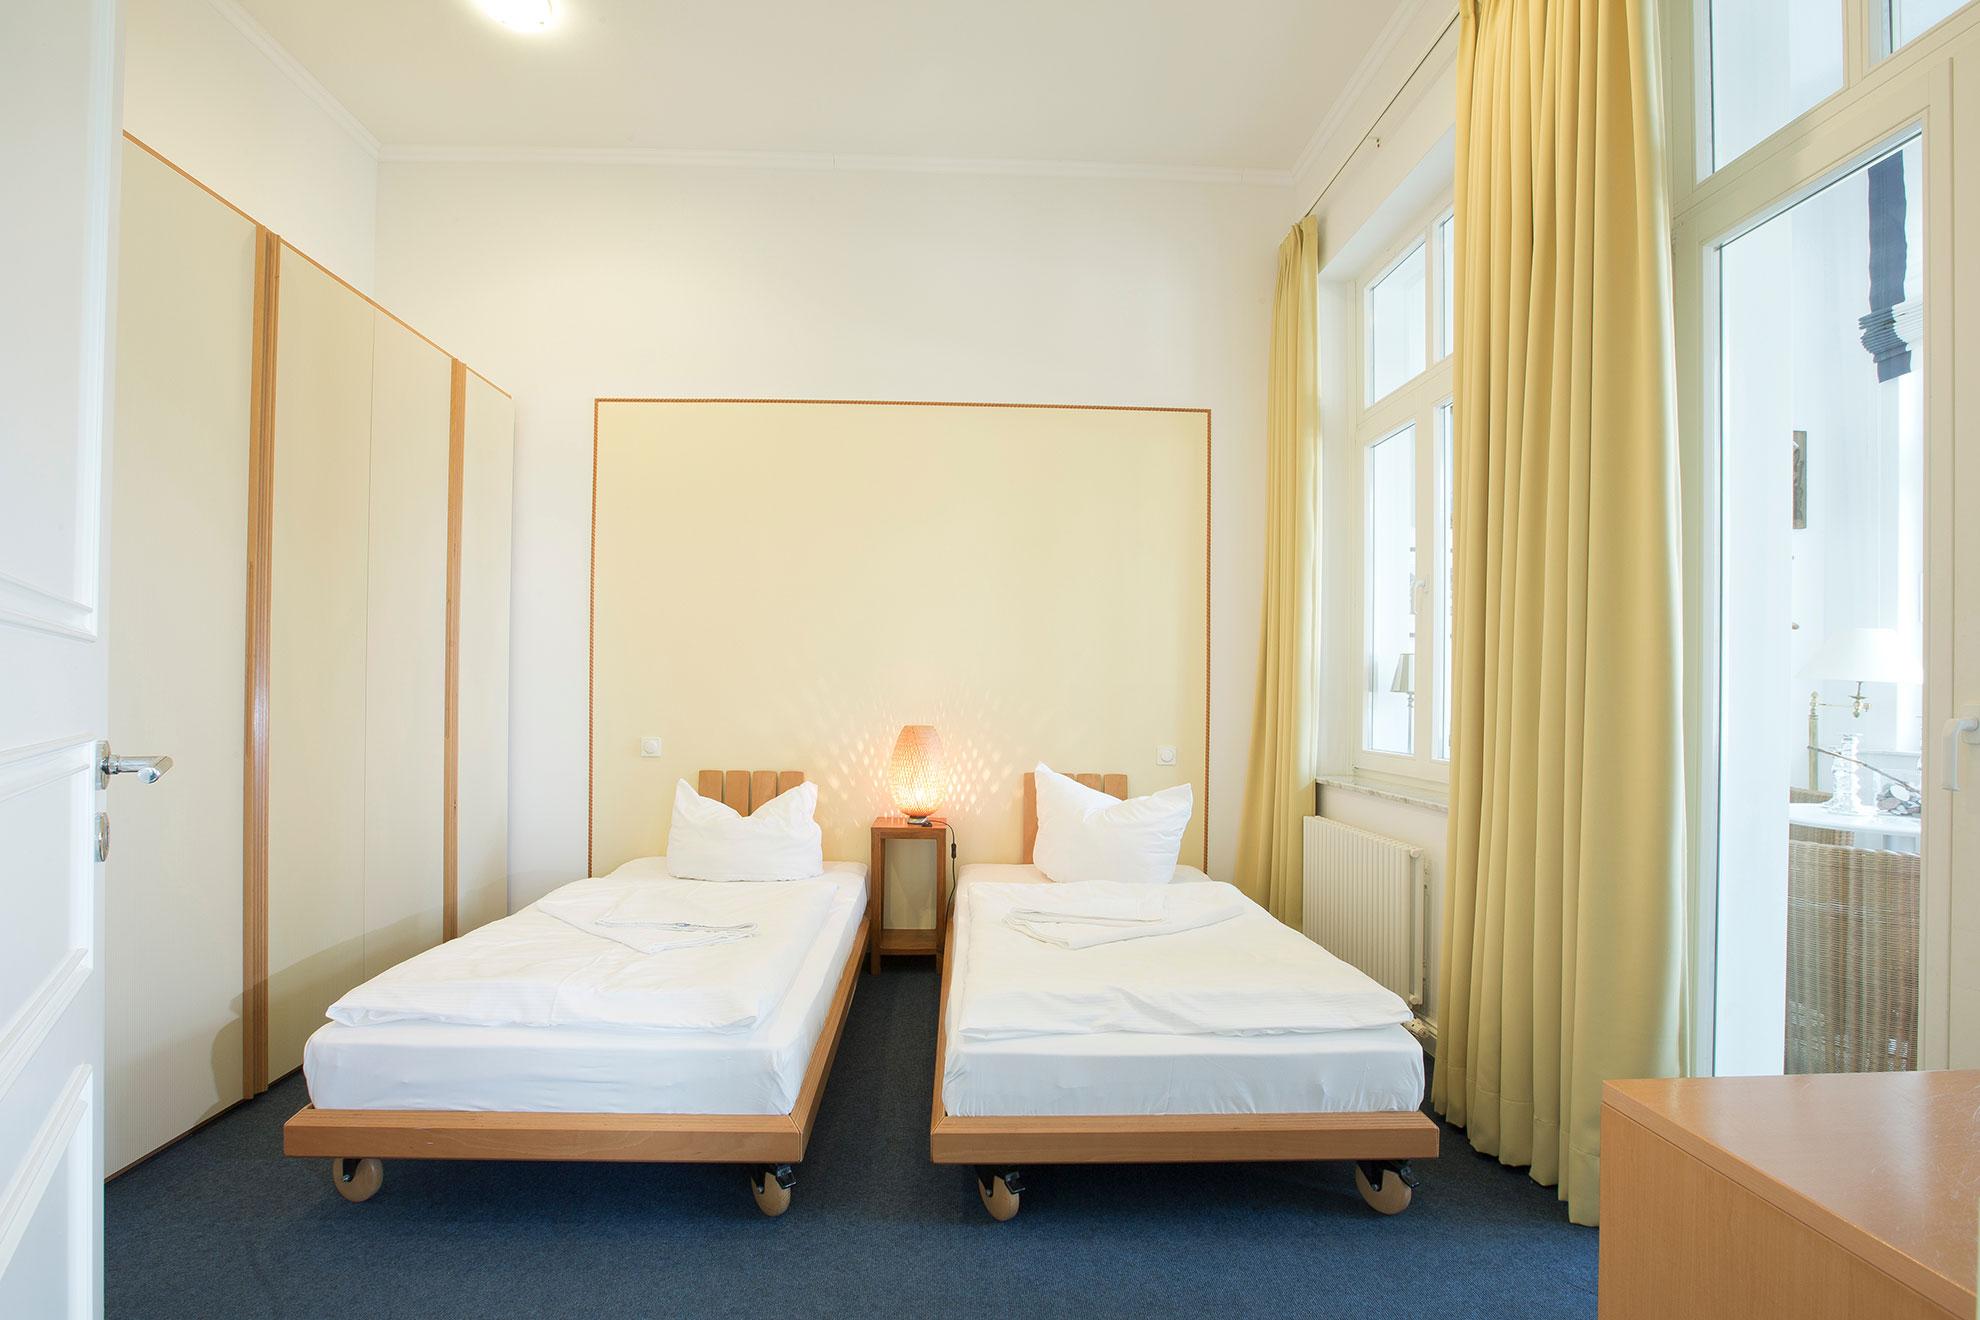 Villa Strandeck - Ferienwohnung 1 * * * *- direkte Strandlage in Binz auf Rügen